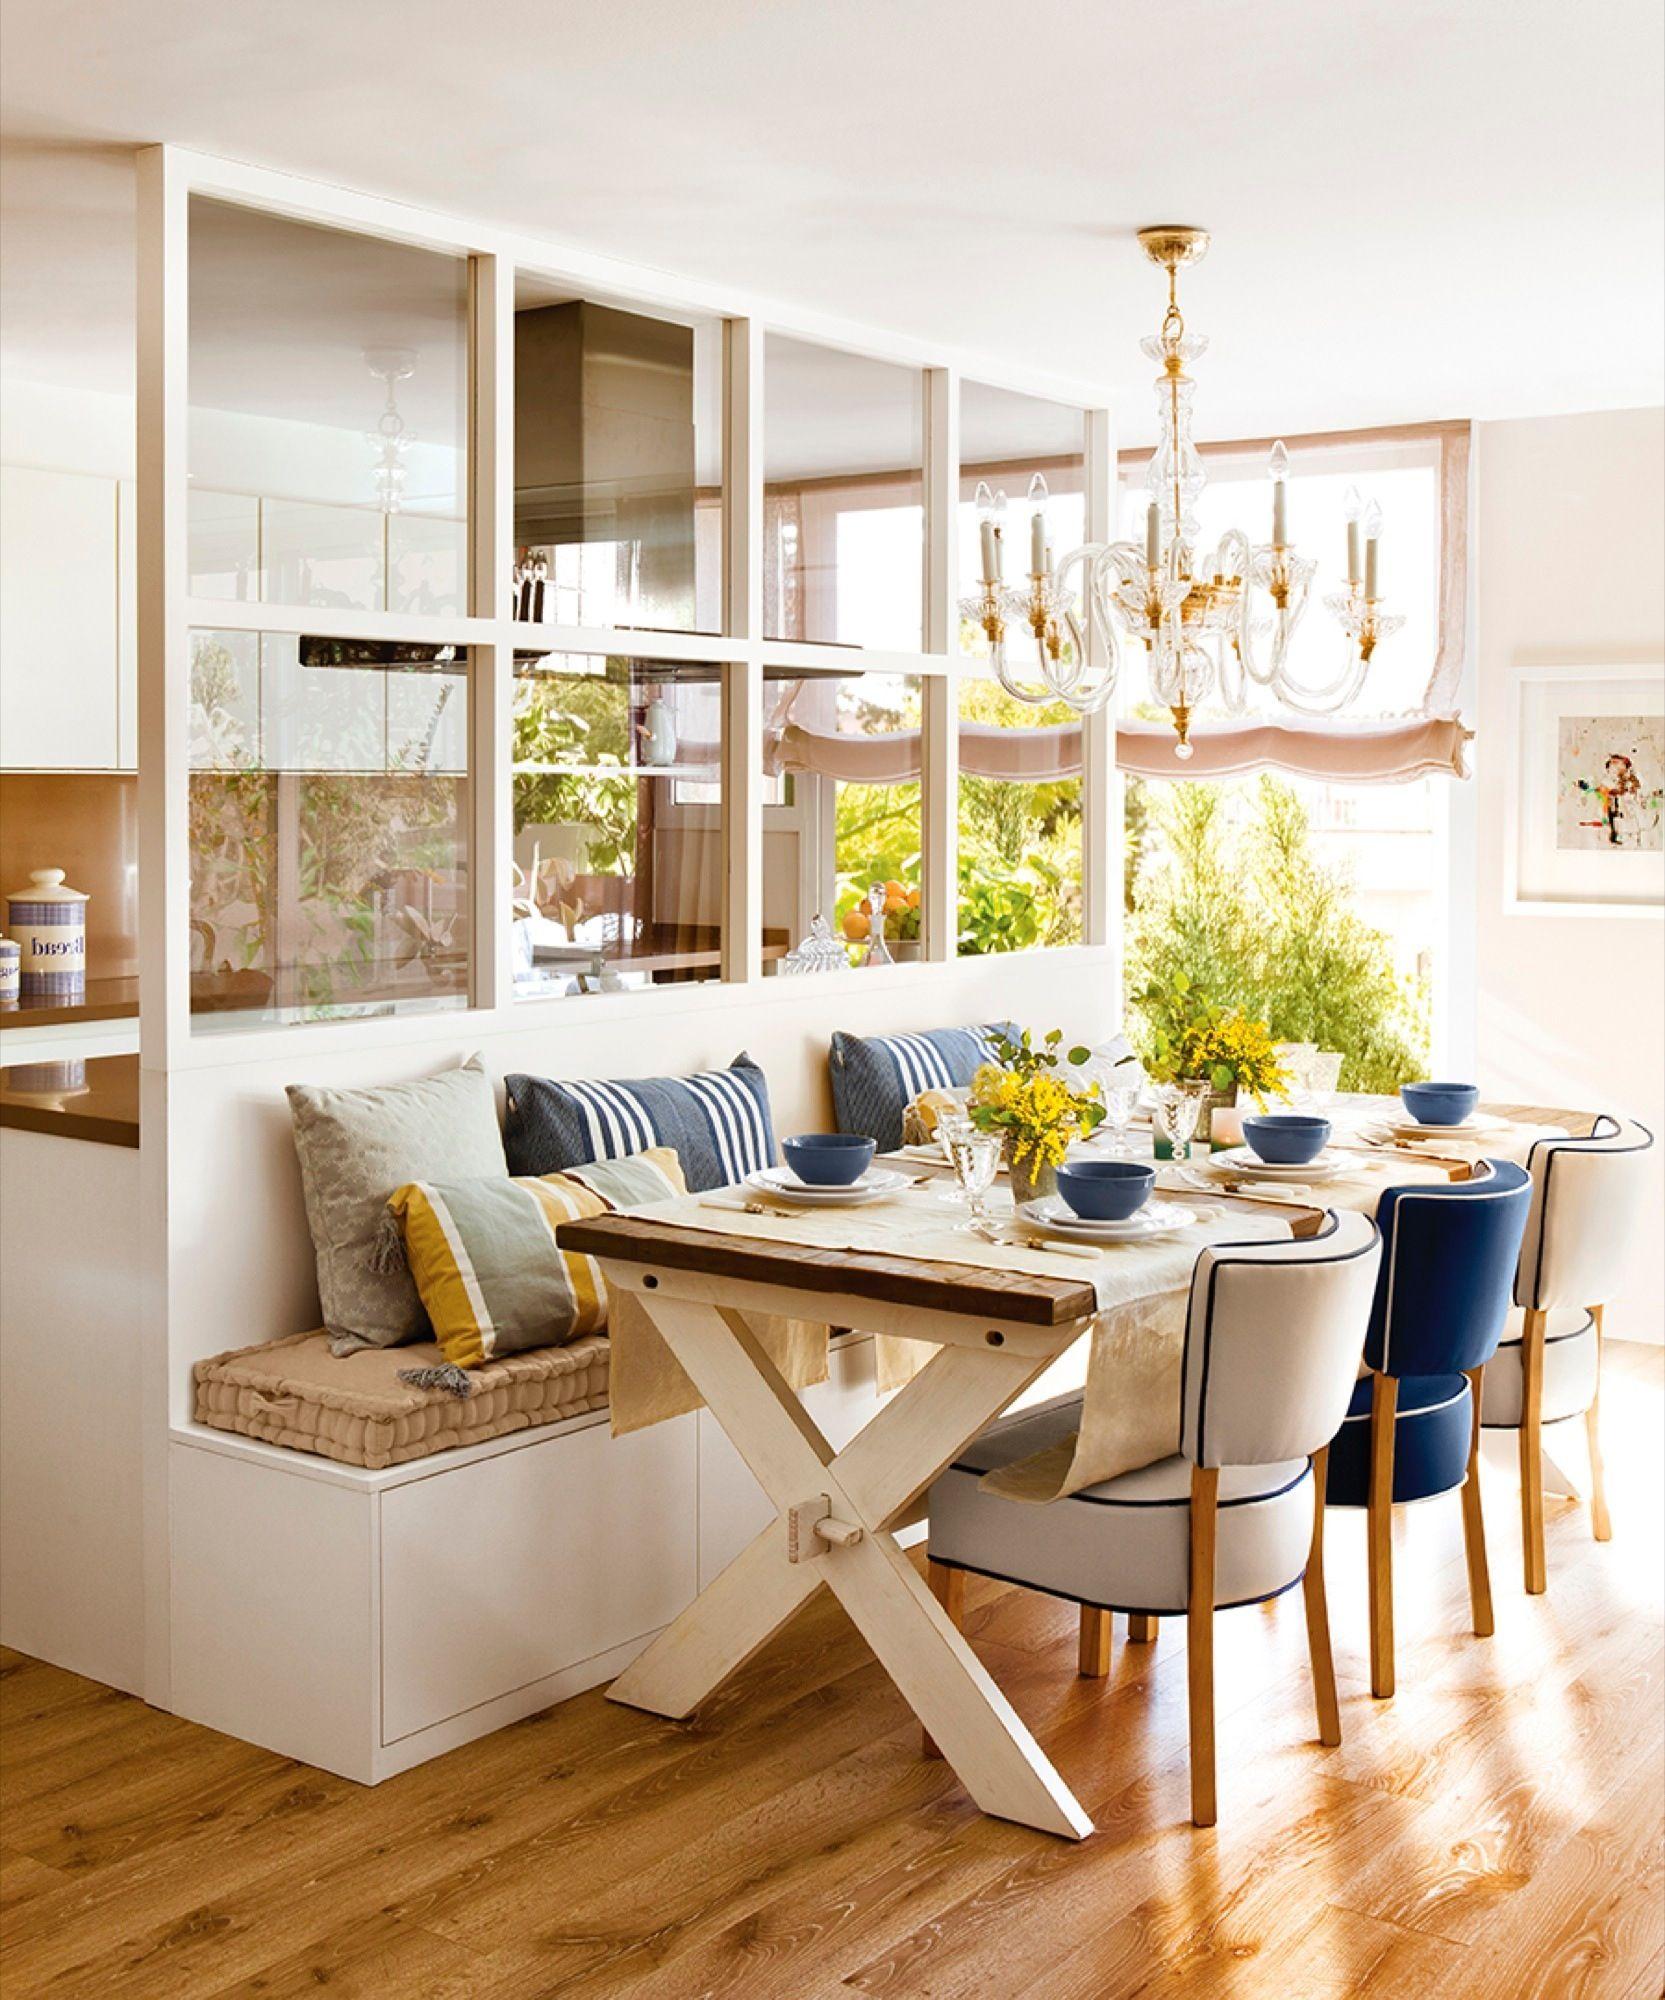 Comedor conectado con la cocina con banco mesa de madera - Almacenaje de cocina ...